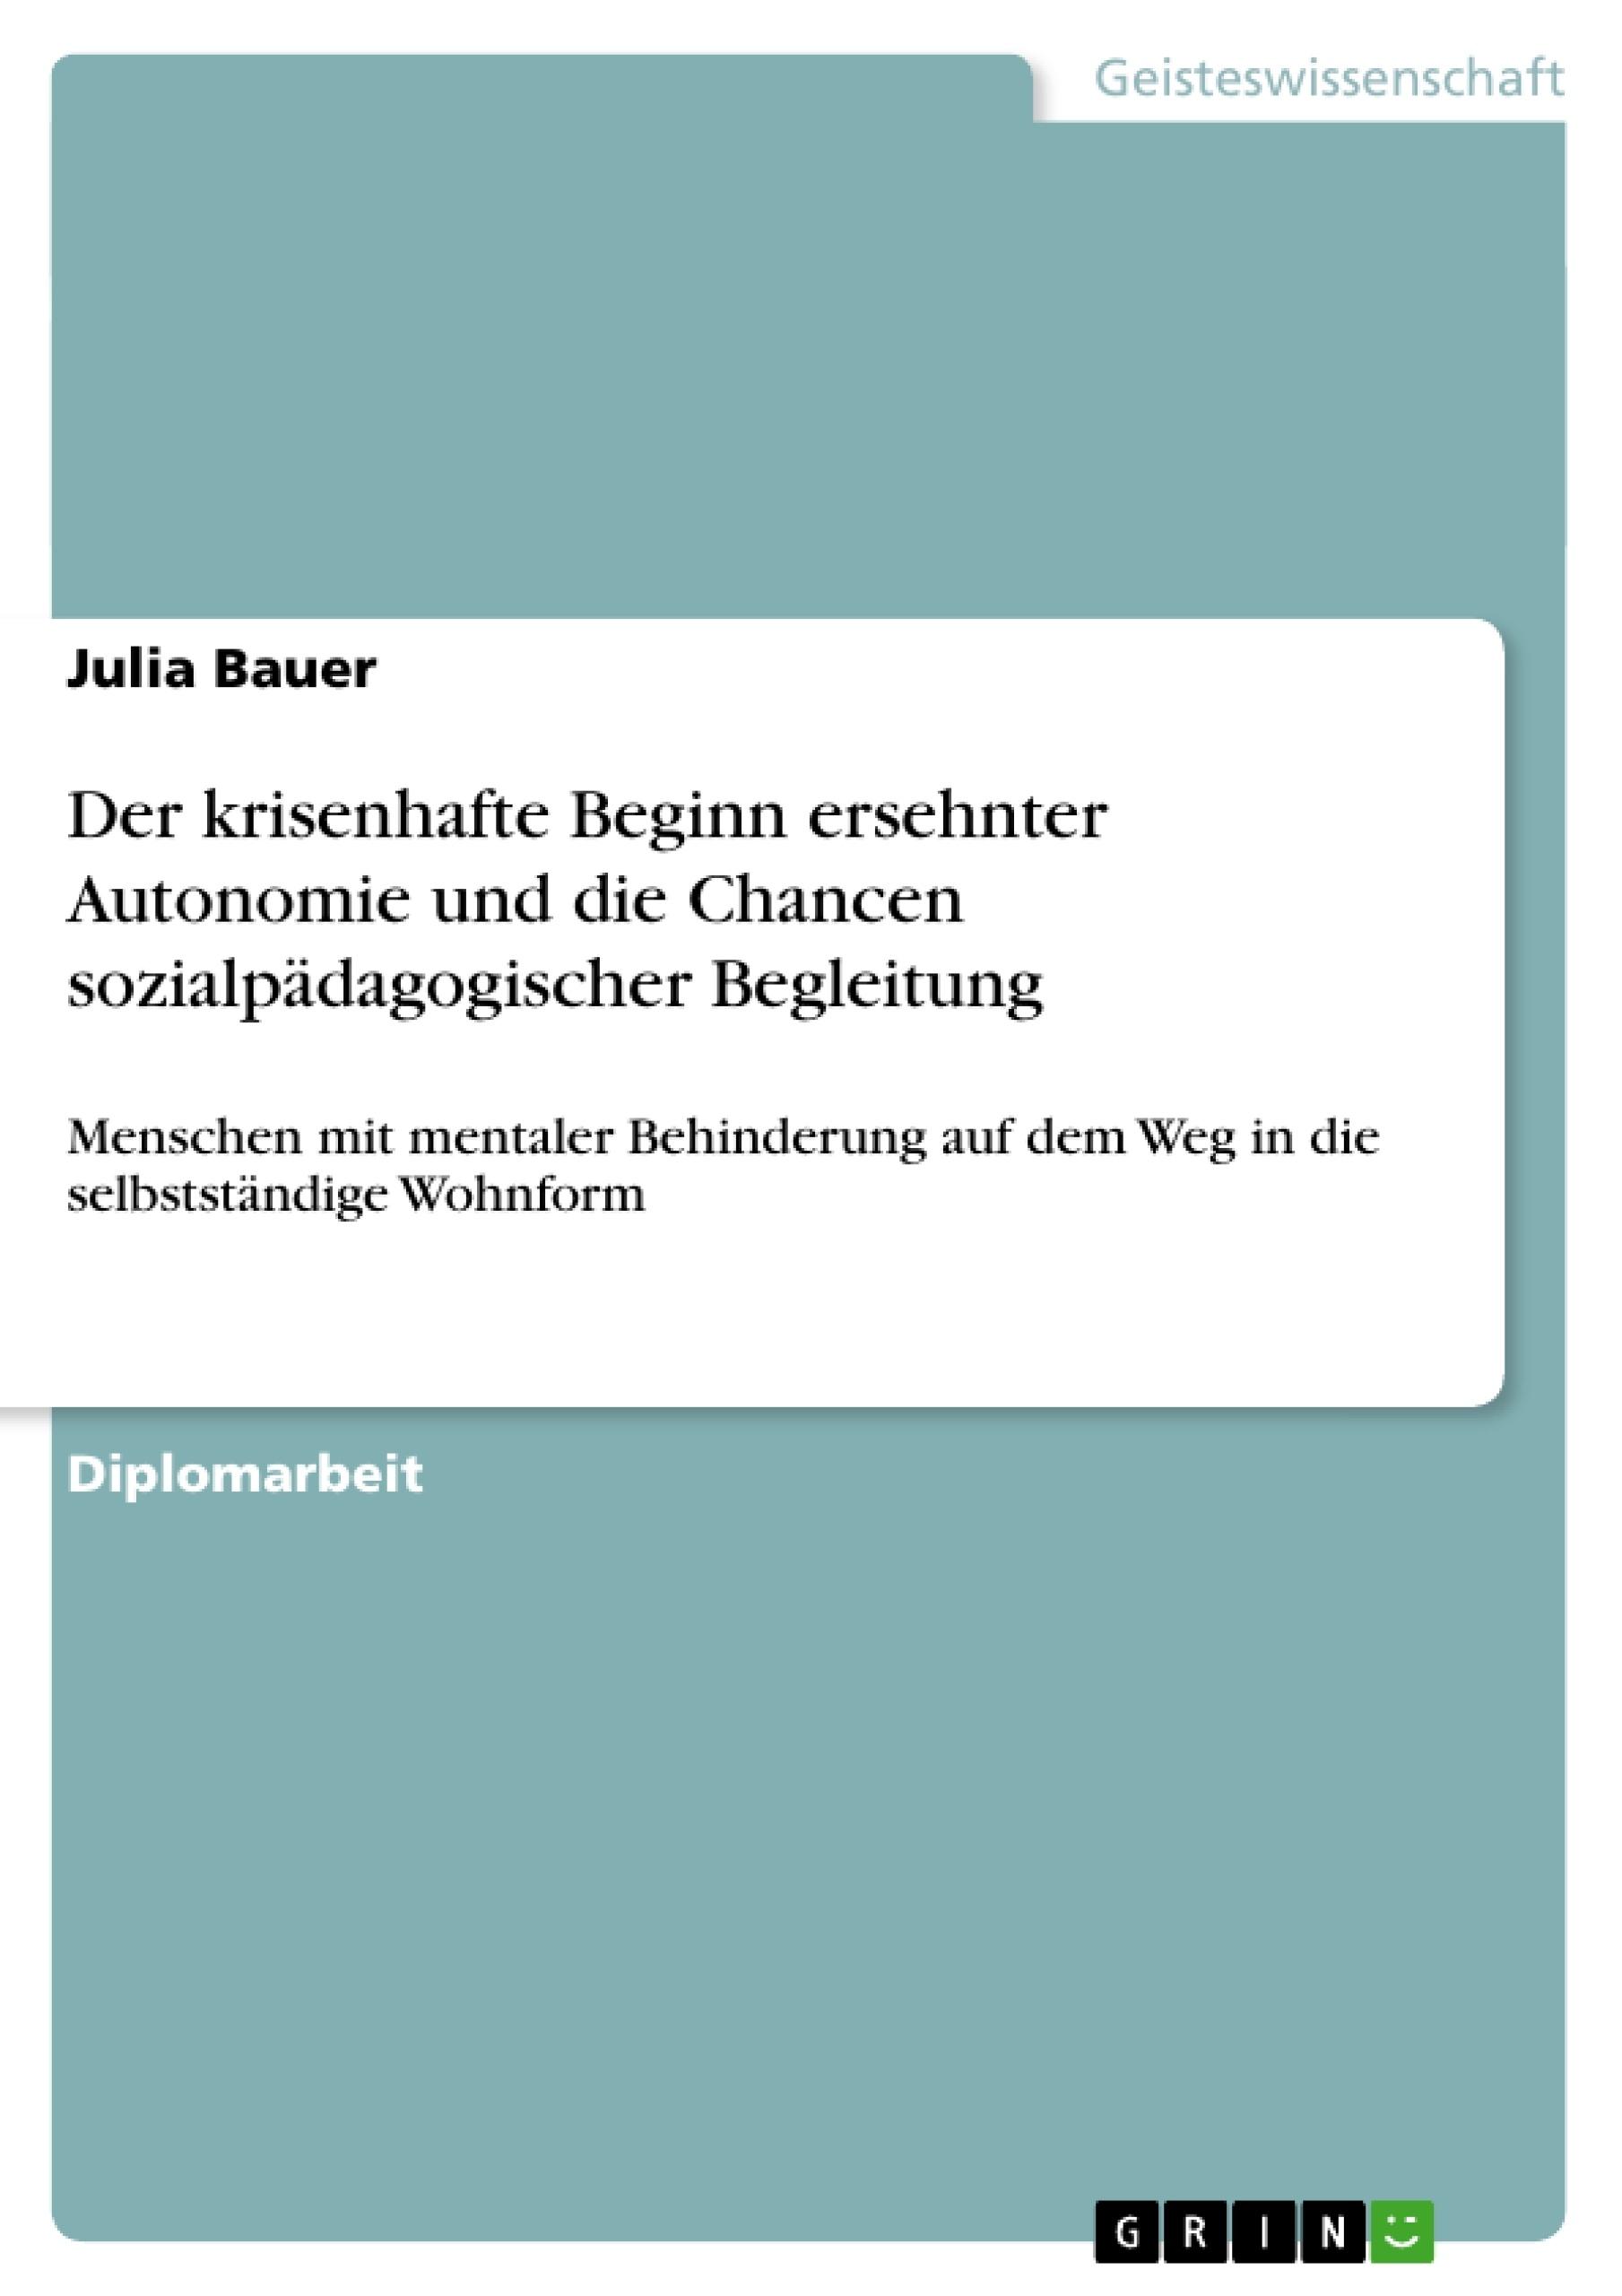 Titel: Der krisenhafte Beginn ersehnter Autonomie und die Chancen sozialpädagogischer Begleitung